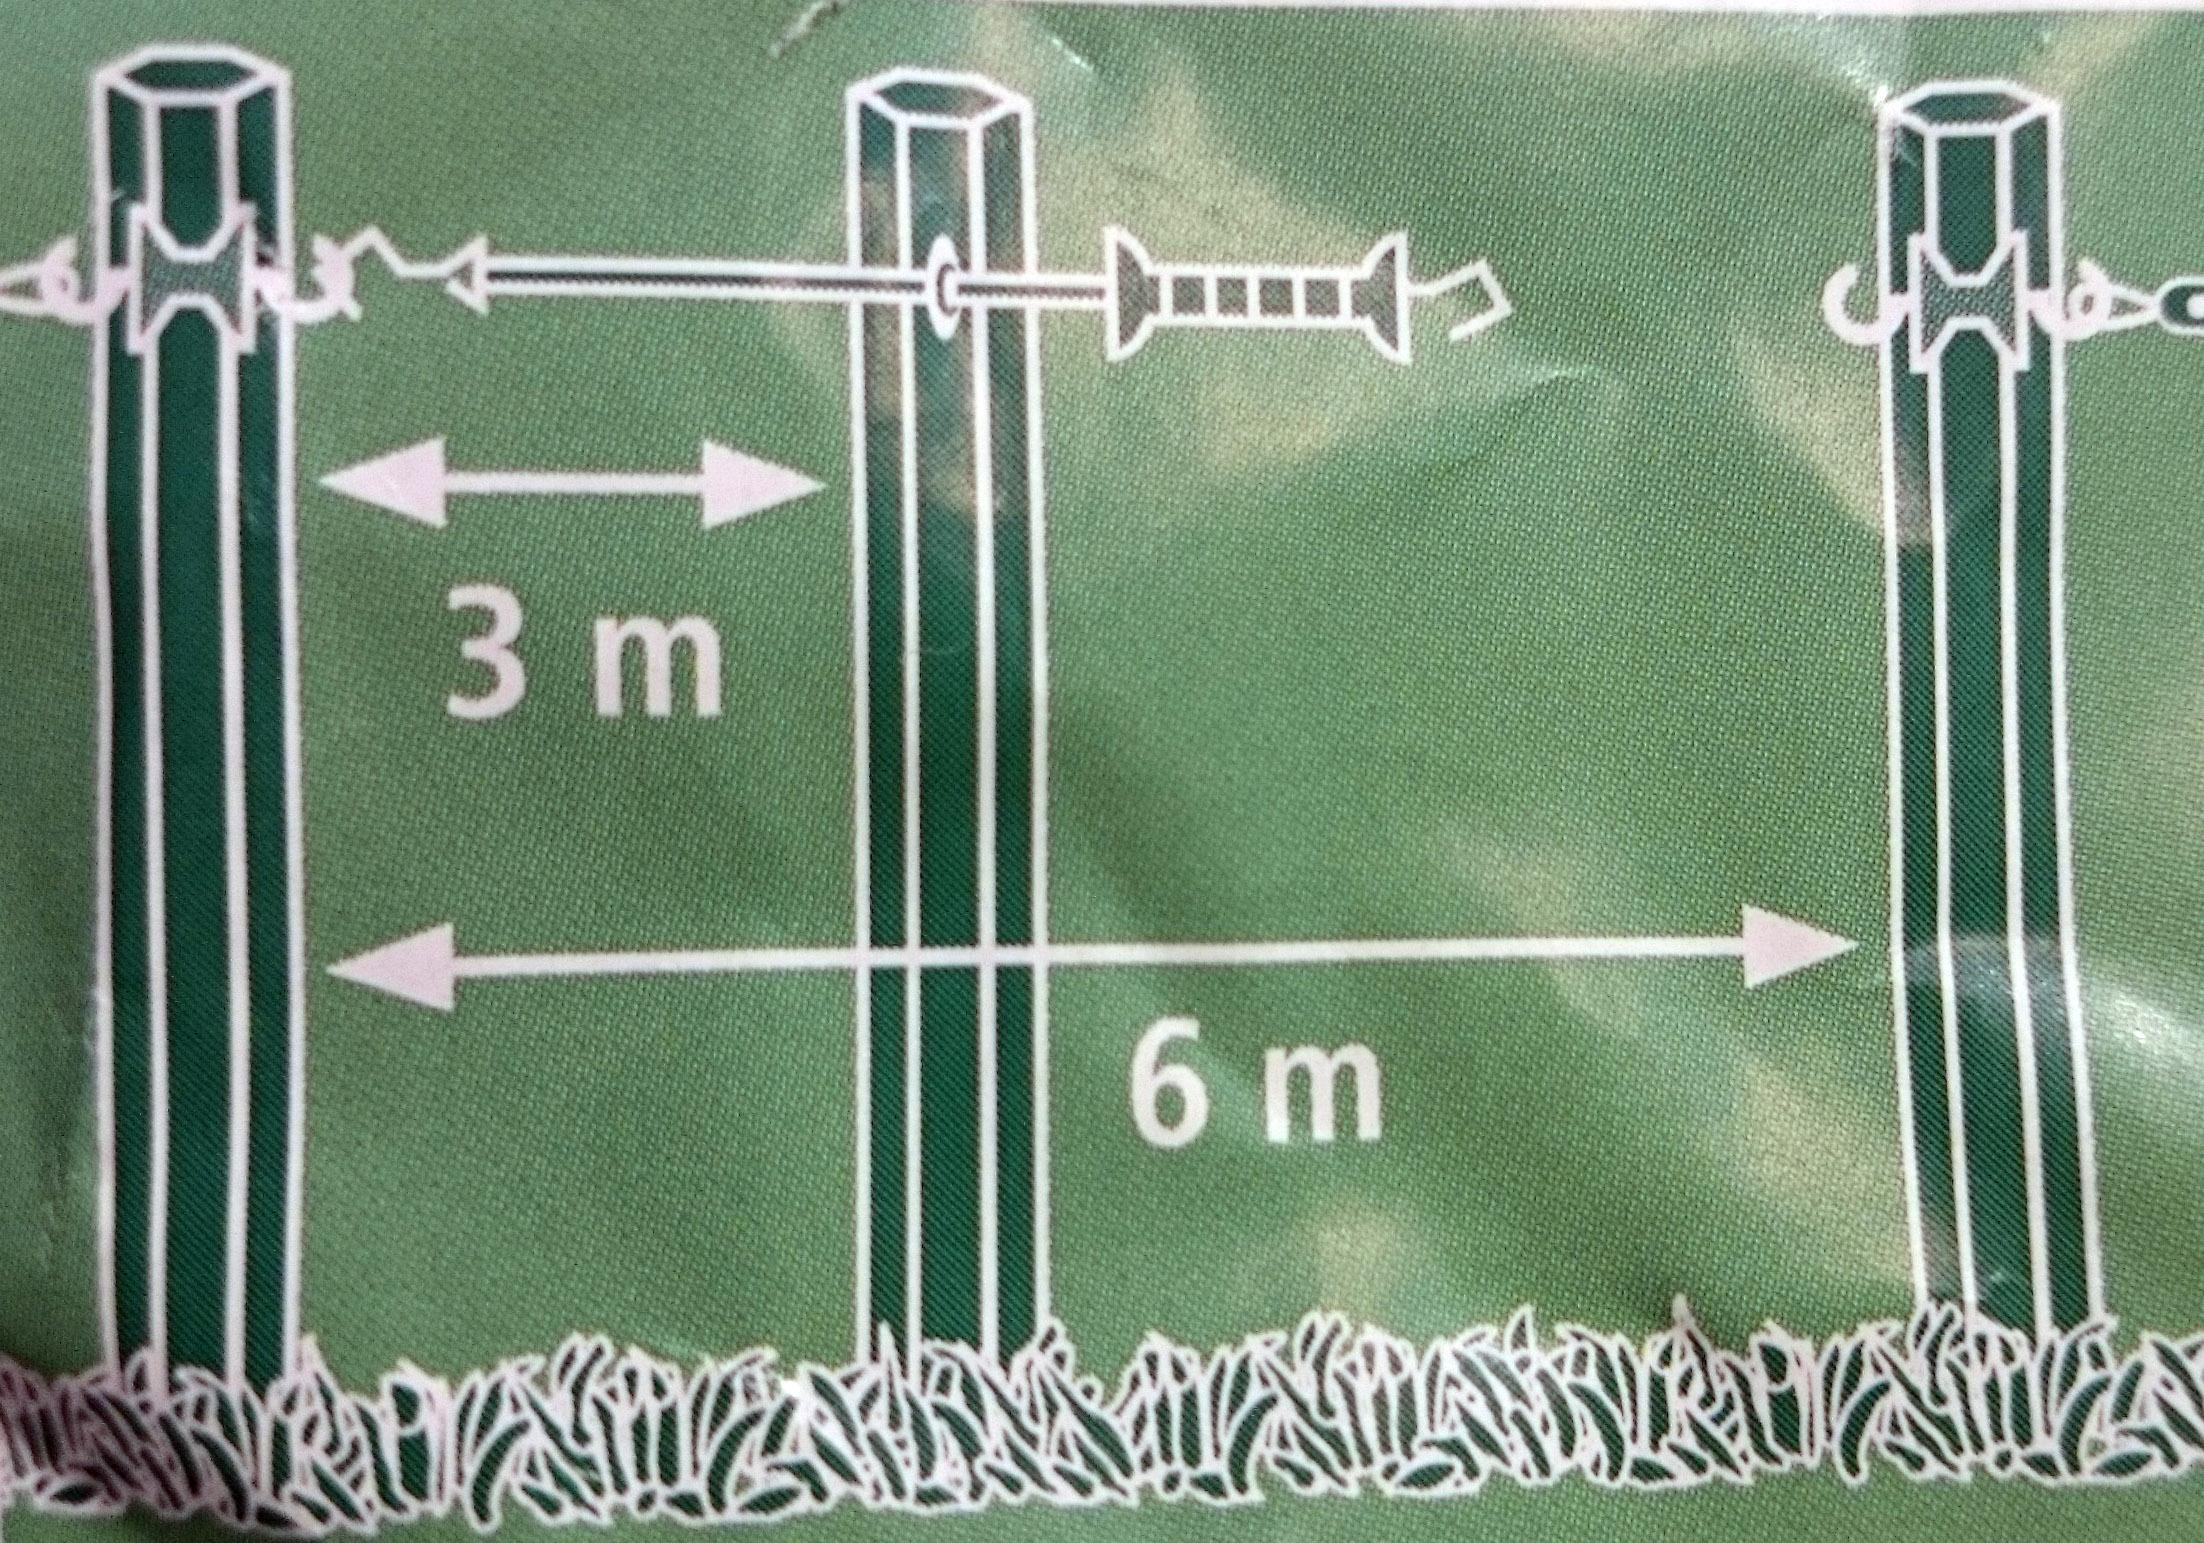 elastisk grind avstånd